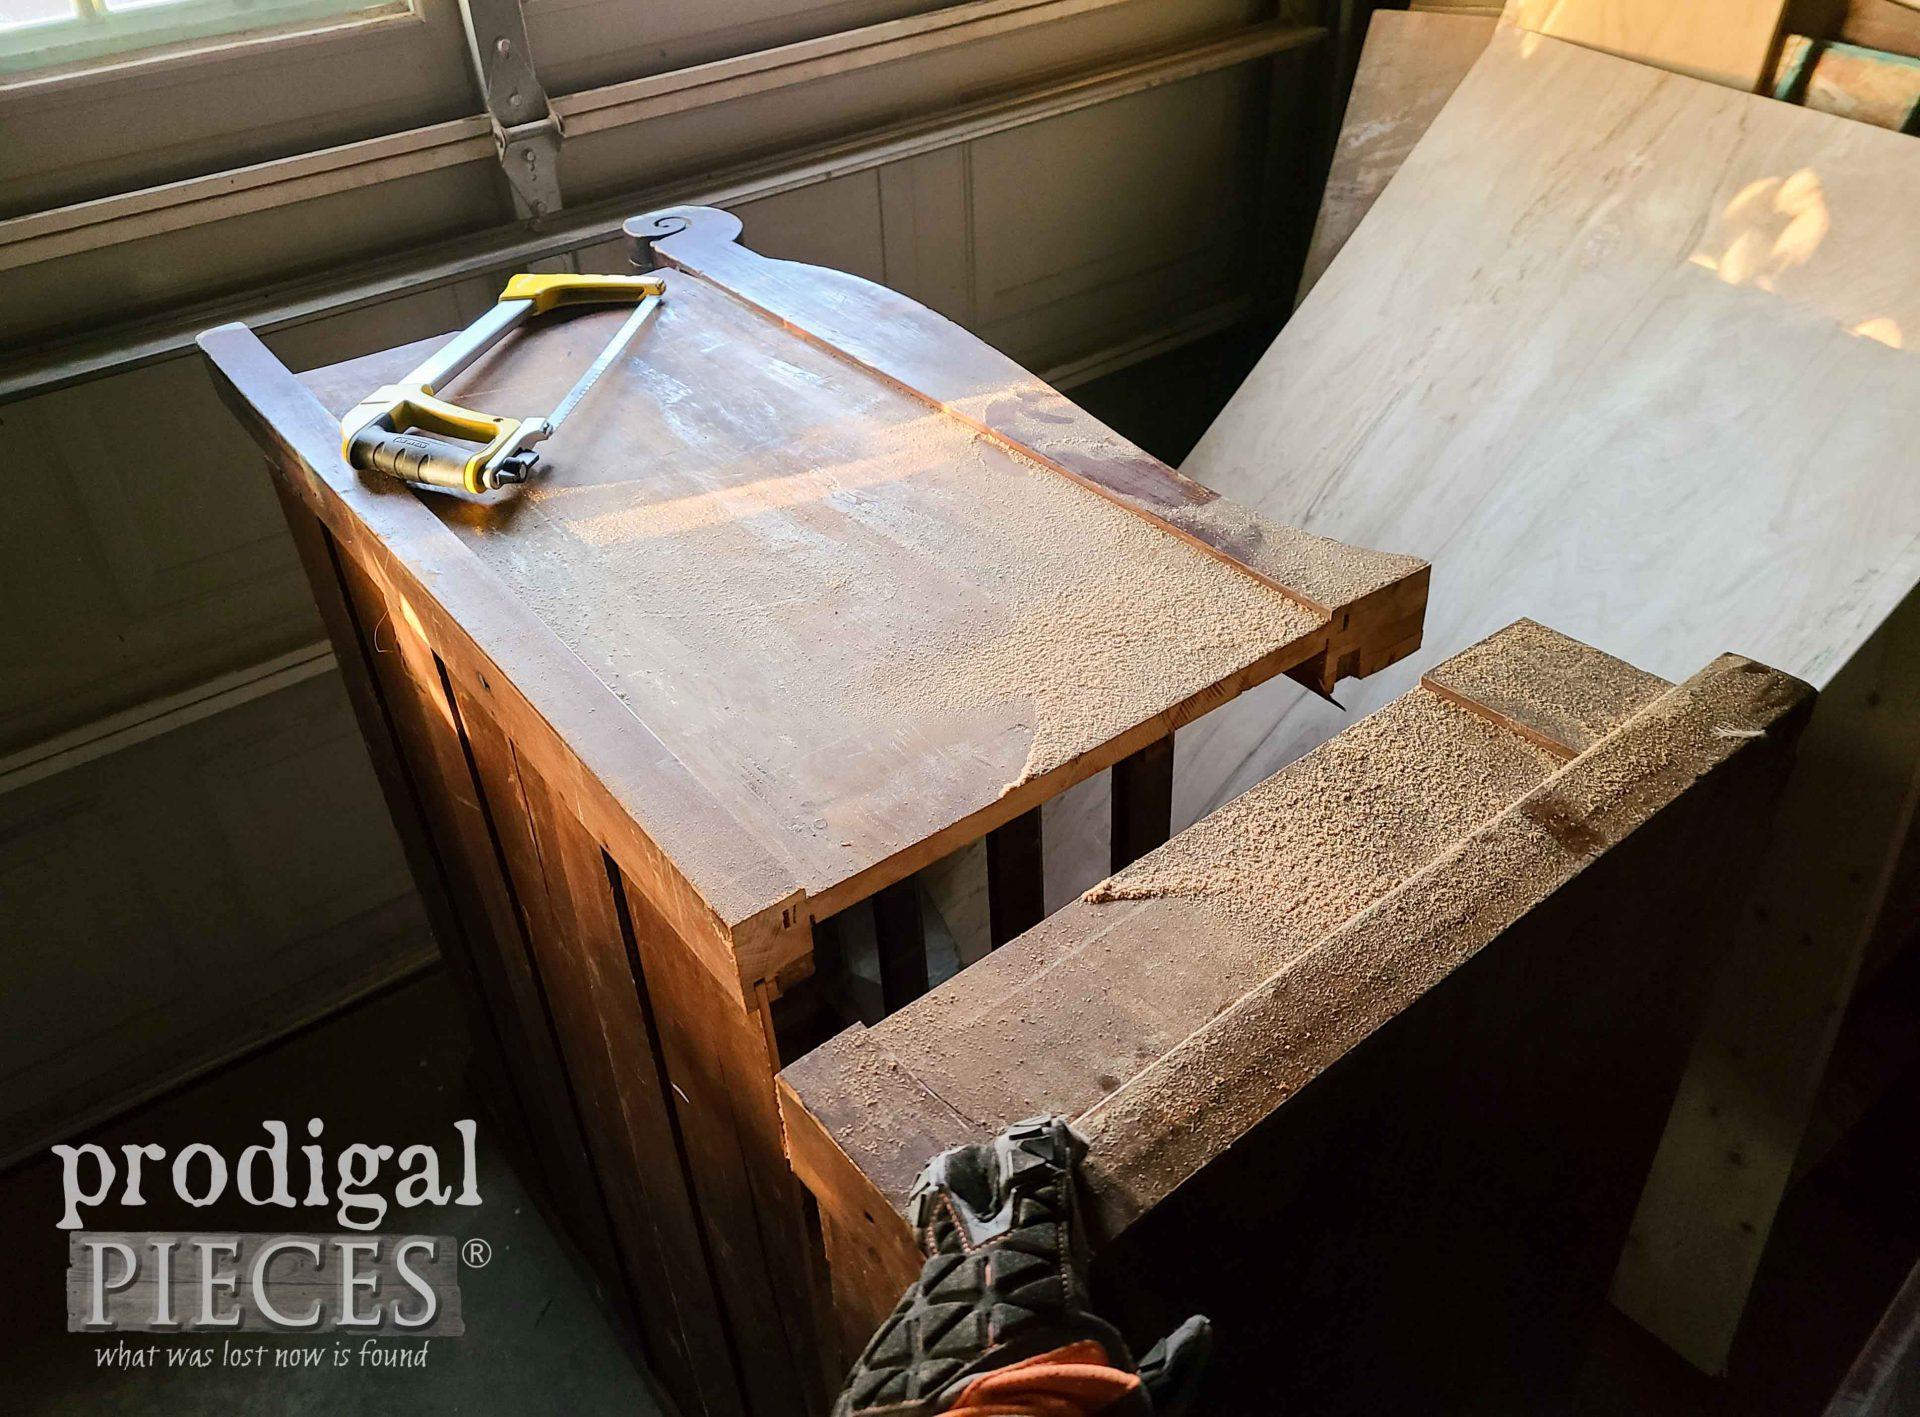 Cut Antique Empire Chest Top | prodigalpieces.com